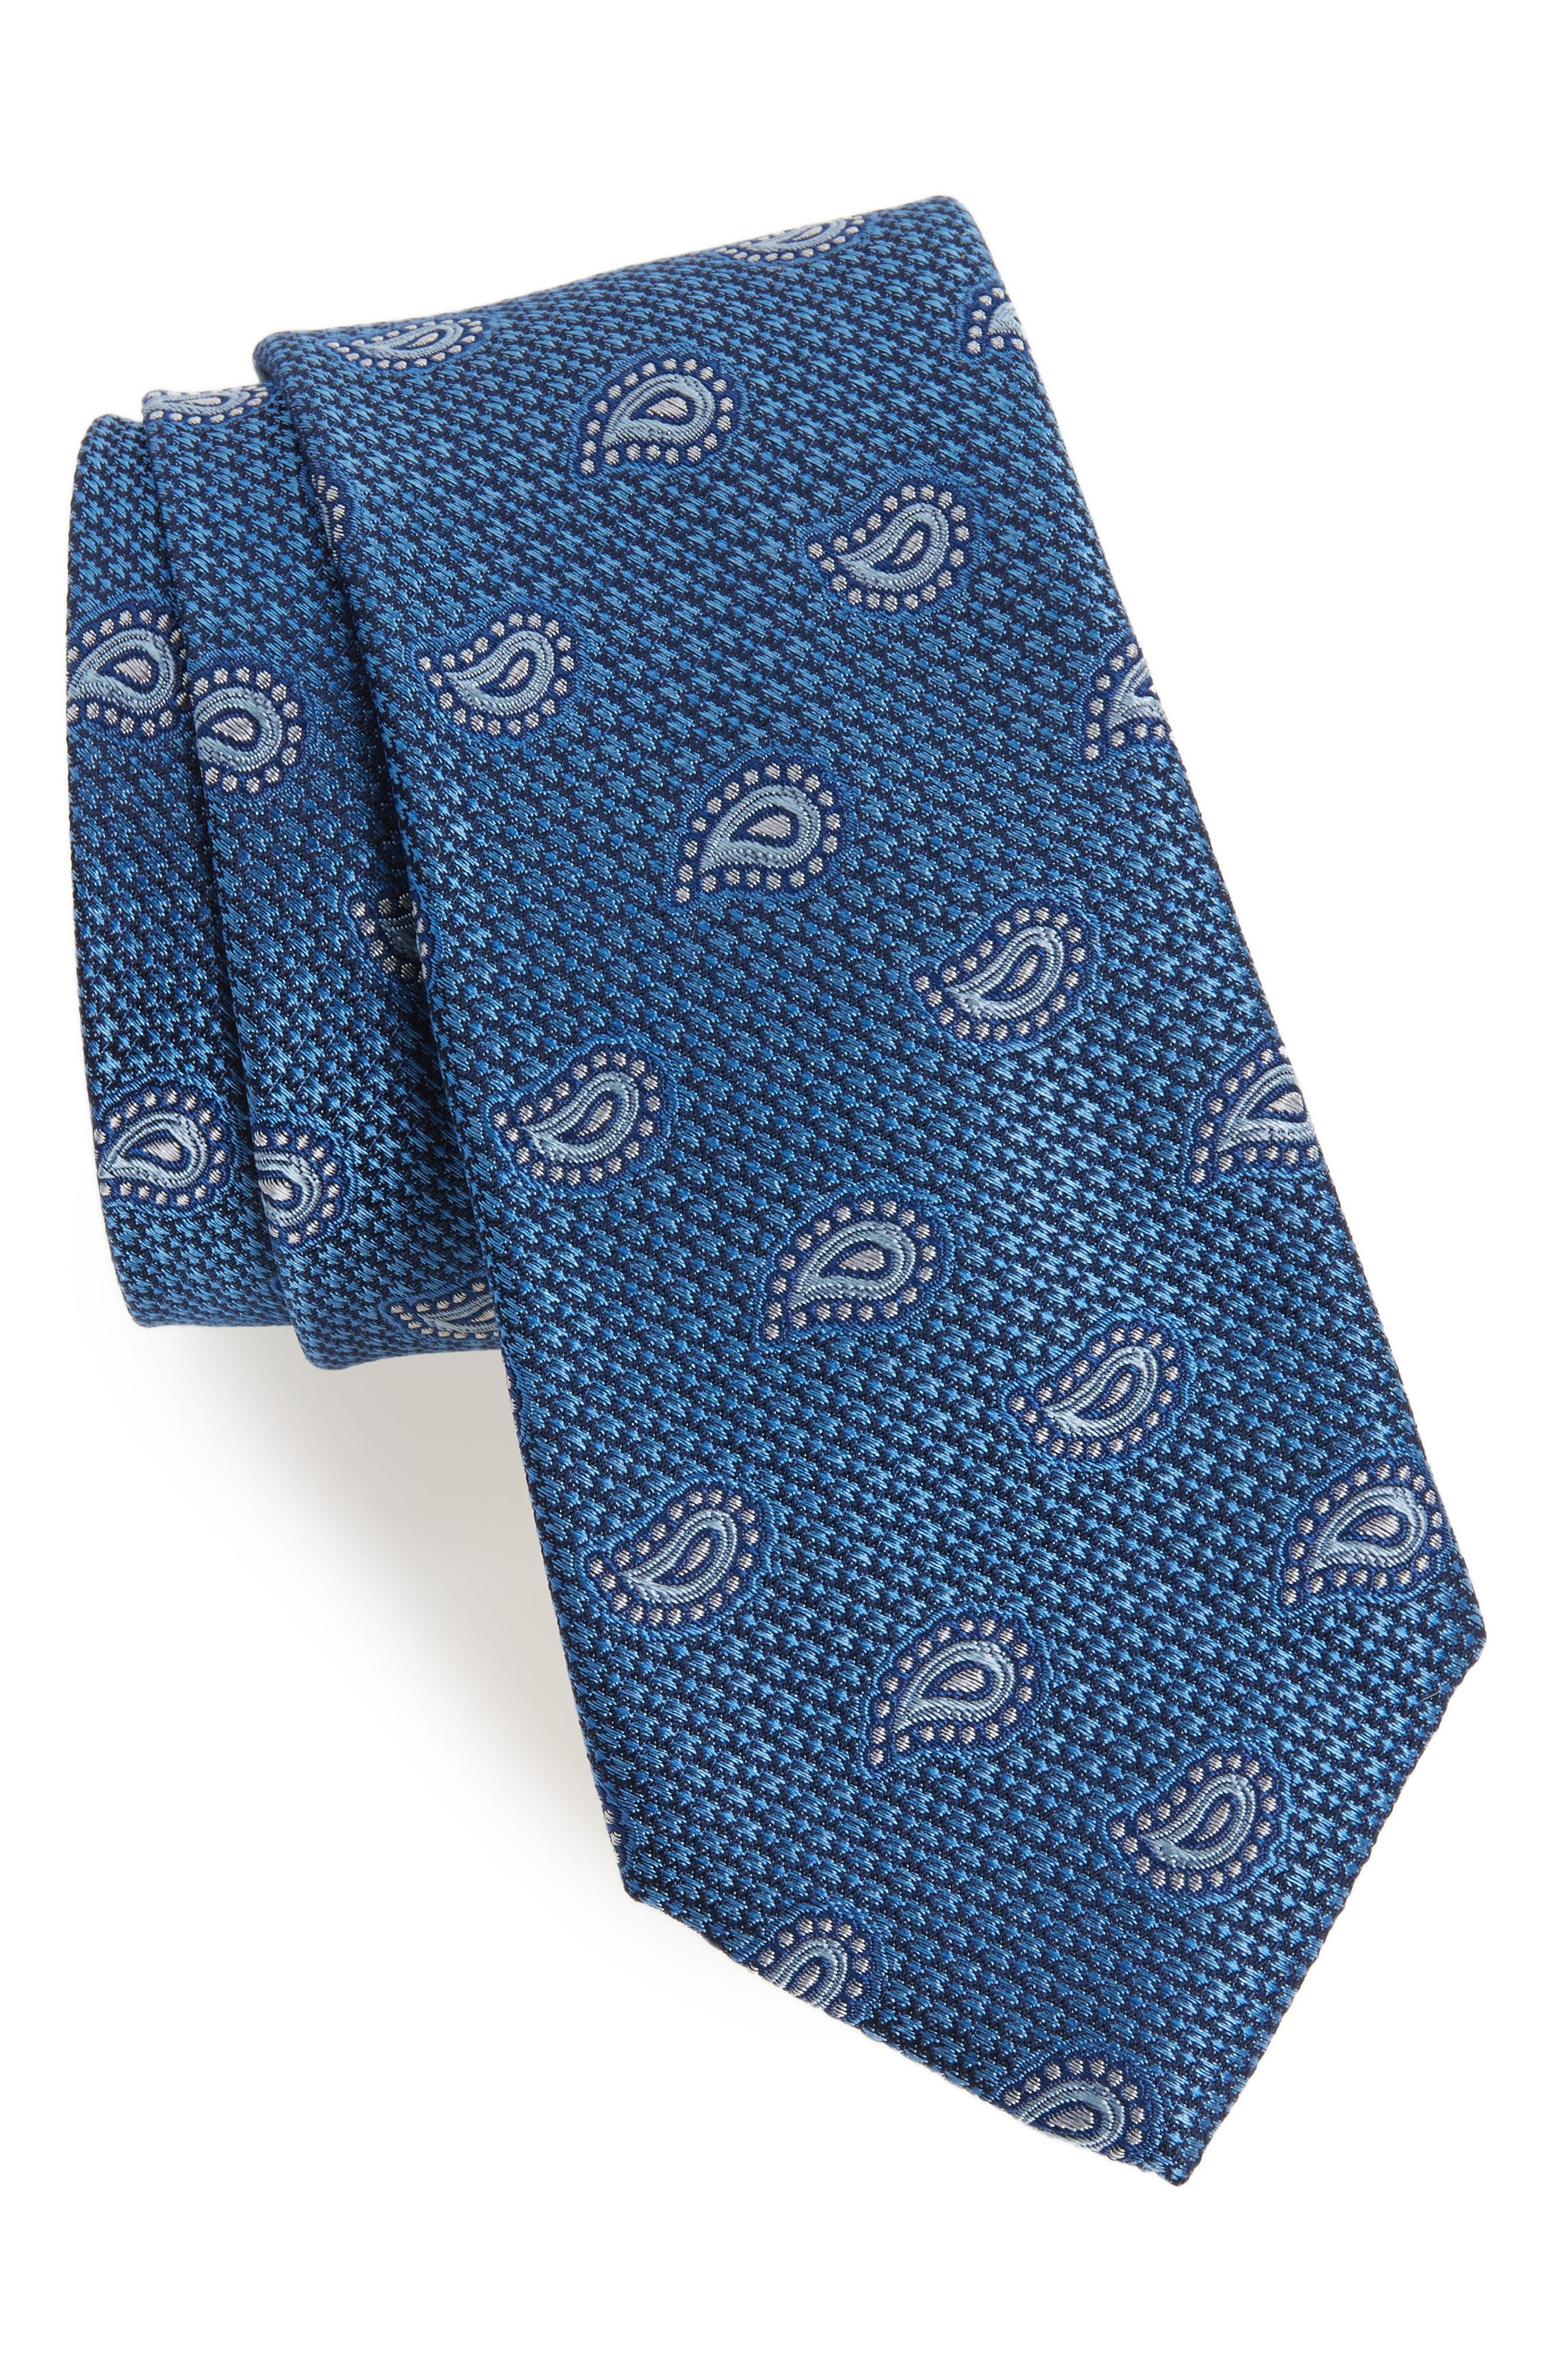 Main Image - Nordstrom Men's Shop Textured Pines Silk Tie